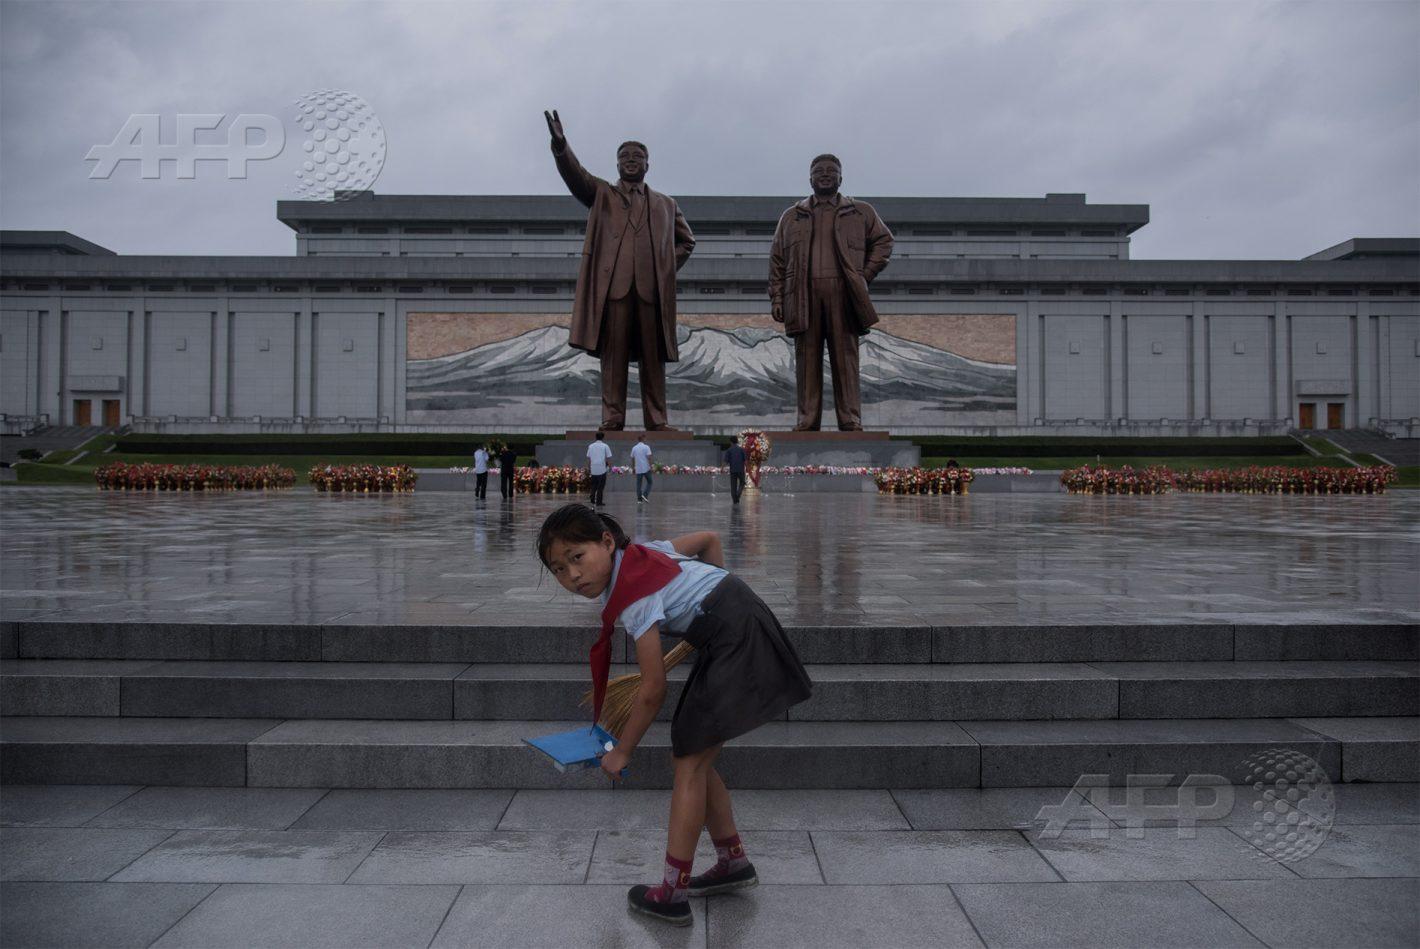 AFP 20 / CORÉE DU NORD 27 juillet 2017 - Pyongyang, Corée du Nord - Une jeune fille balaie les marches tandis que des visiteurs s'inclinent devant les statues de Kim Il-Sung (gauche) et Kim Jong-Il, alors que le pays célèbre le 64e anniversaire de la signature de l'armistice. AFP / ED JONES